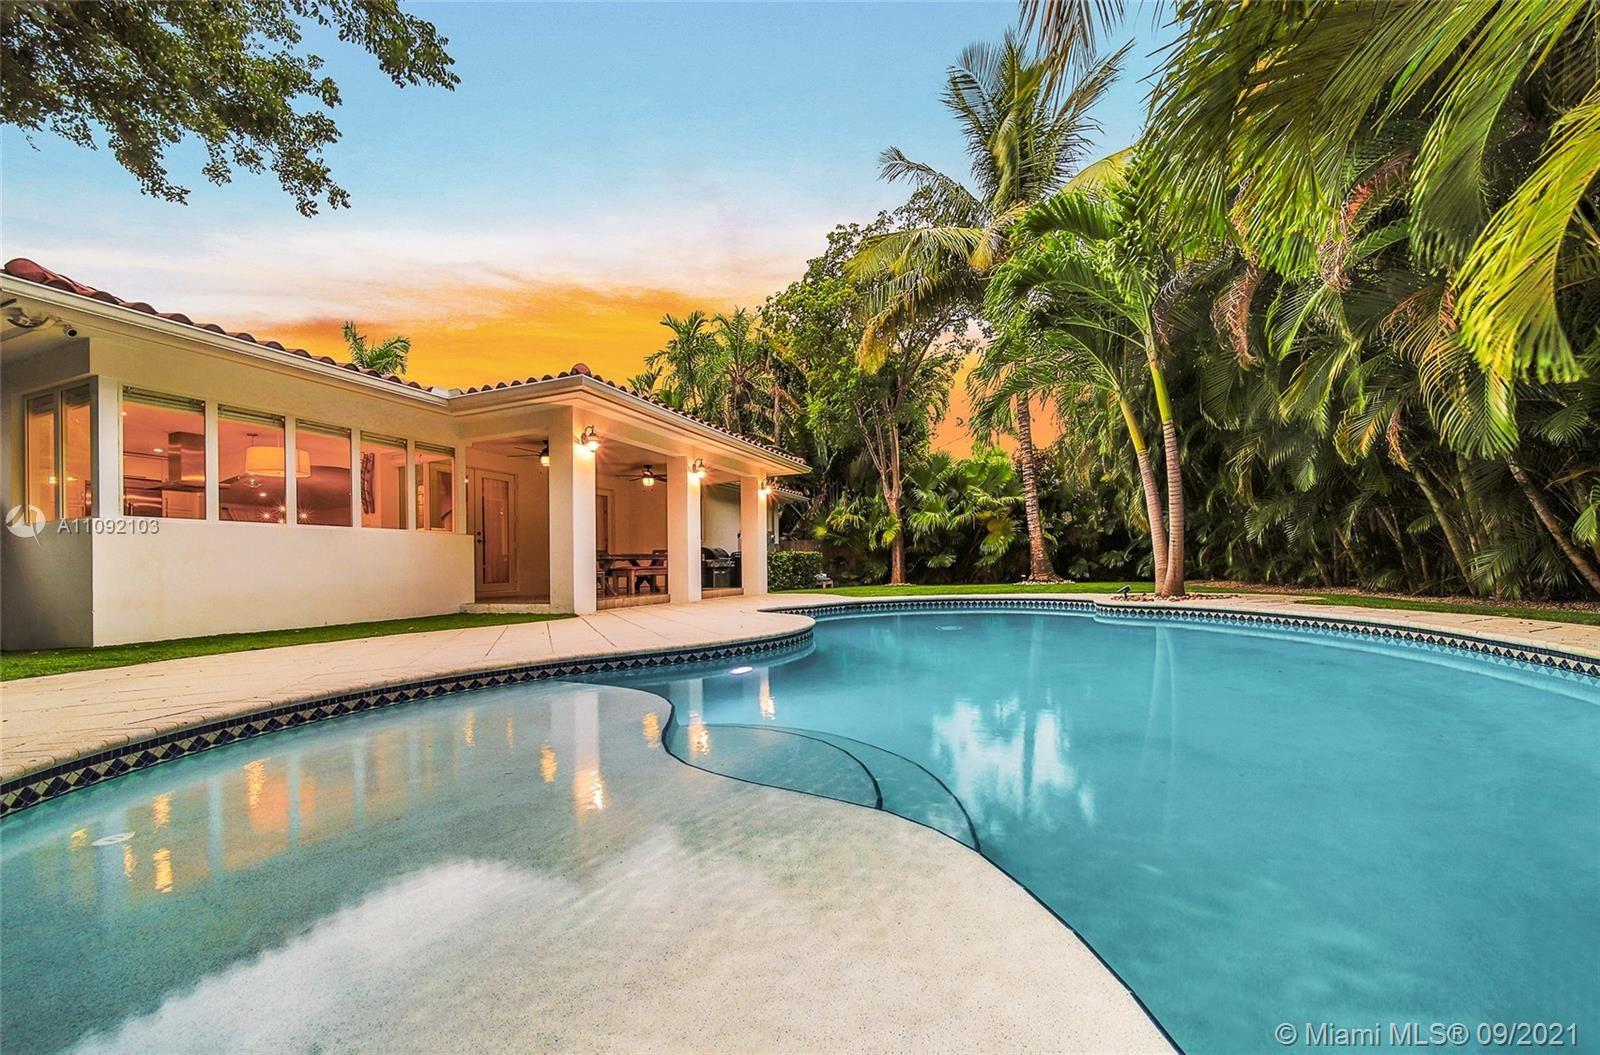 5990 NE 6th Ct, Miami, FL 33137 - #: A11092103